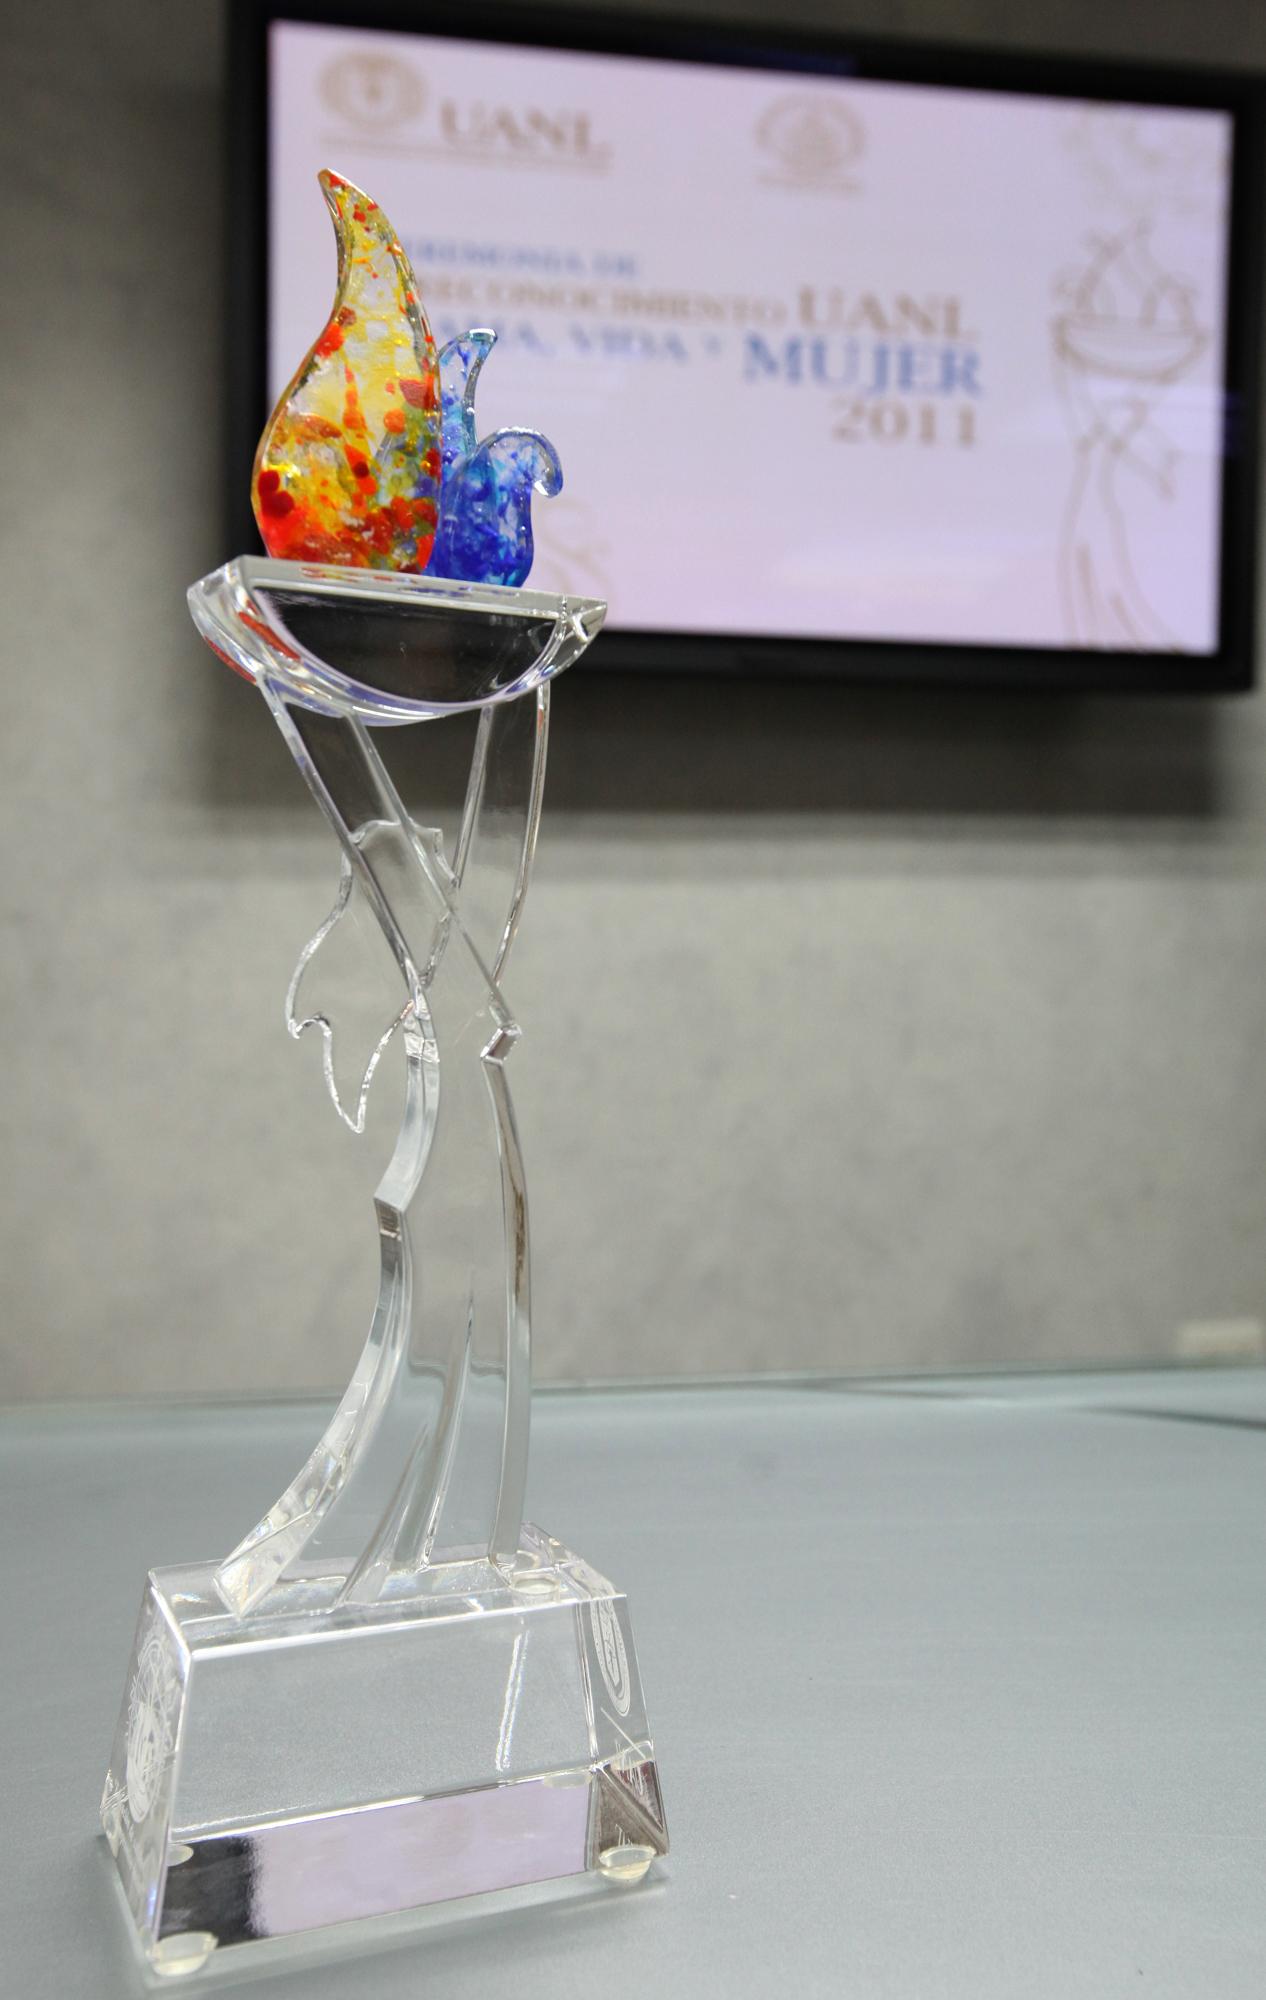 Premio Flama, Vida y Mujer 2011